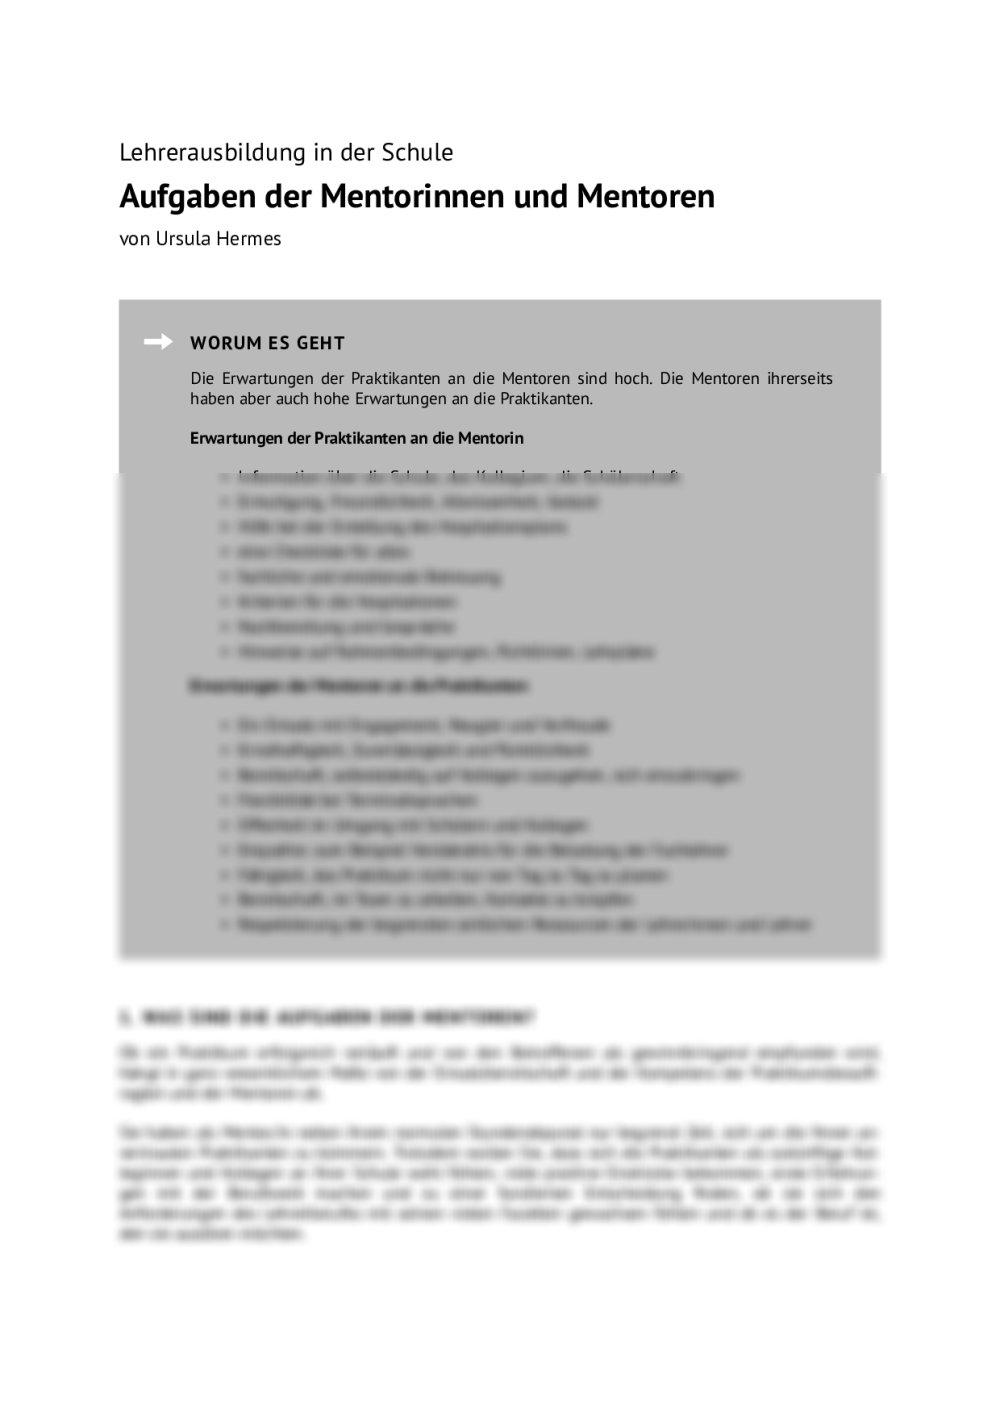 Aufgaben der Mentorinnen und Mentoren - Seite 1